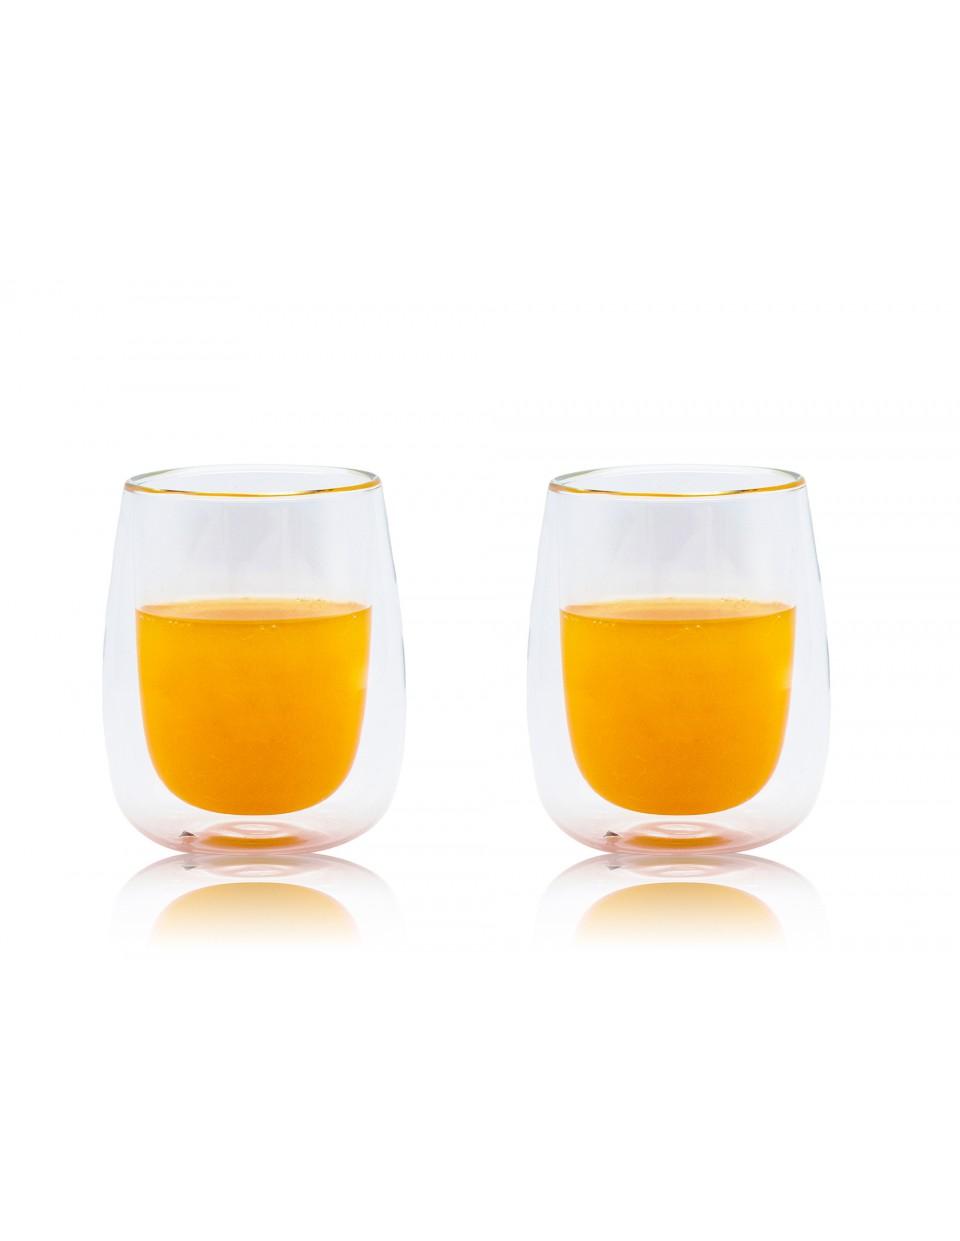 圓藝雙層杯 200ML 對杯2支